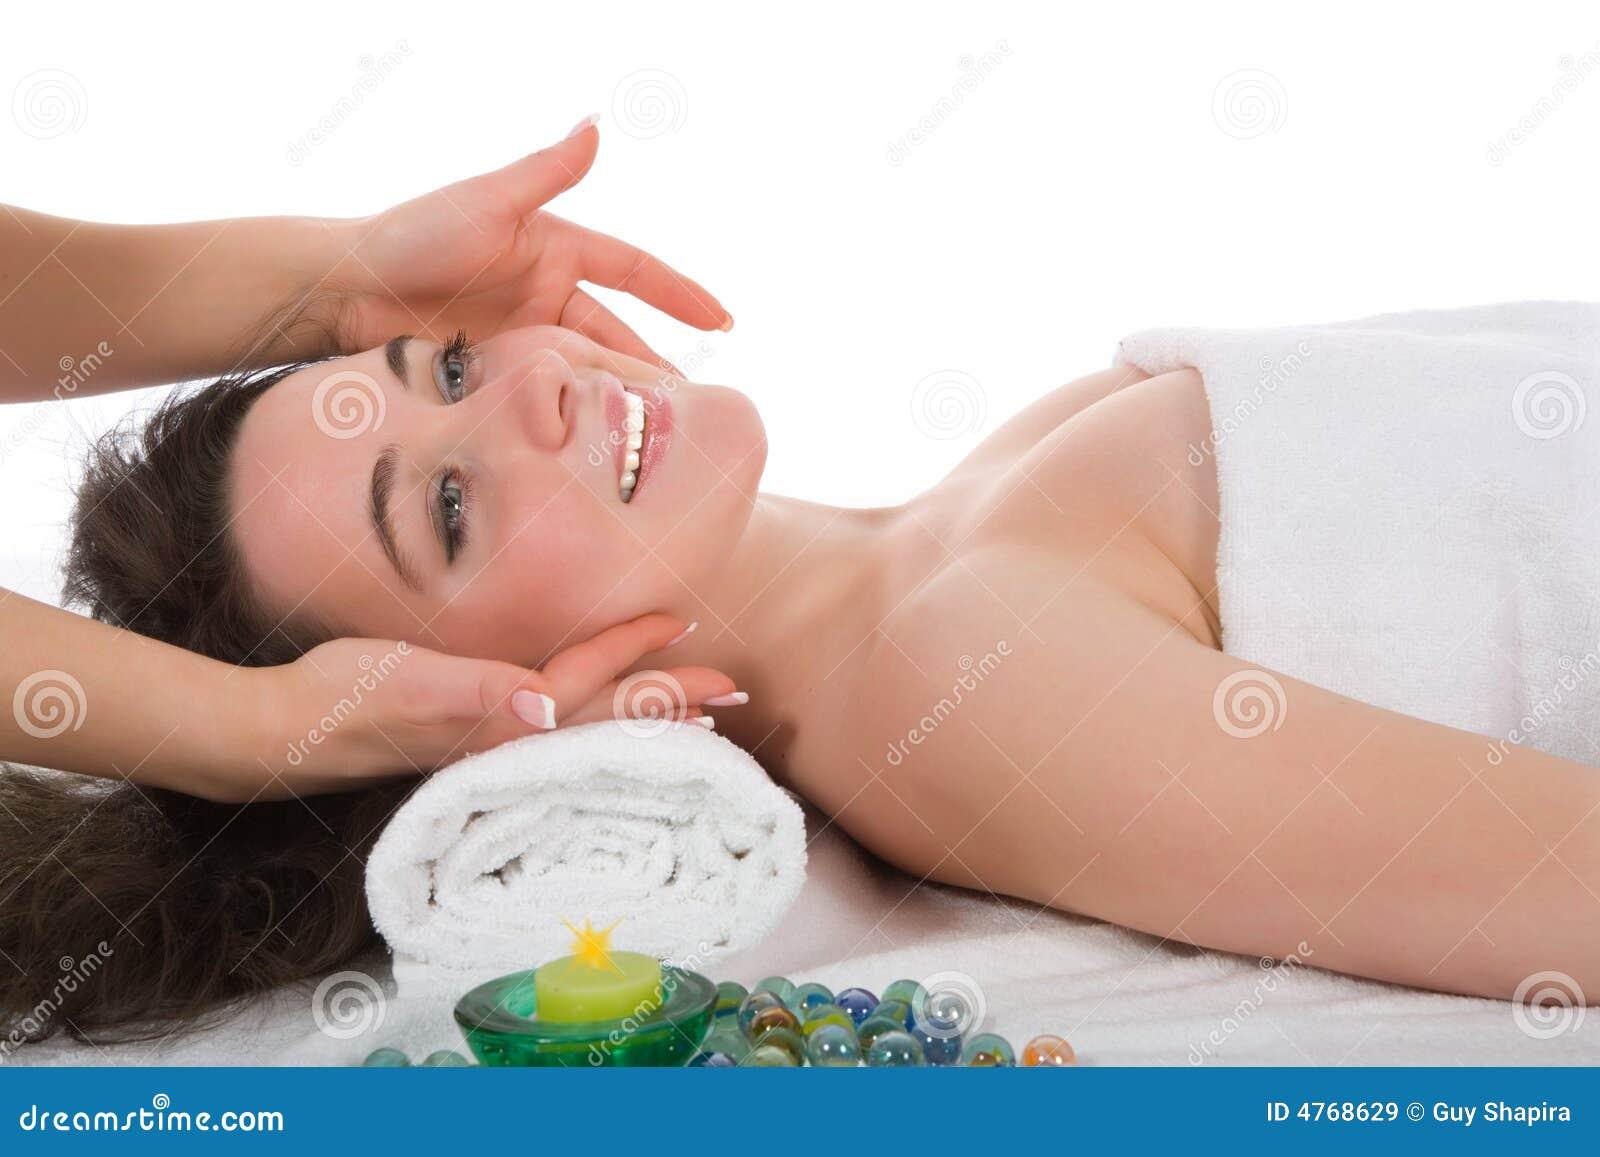 bøsse aalborg thai massage køge escort